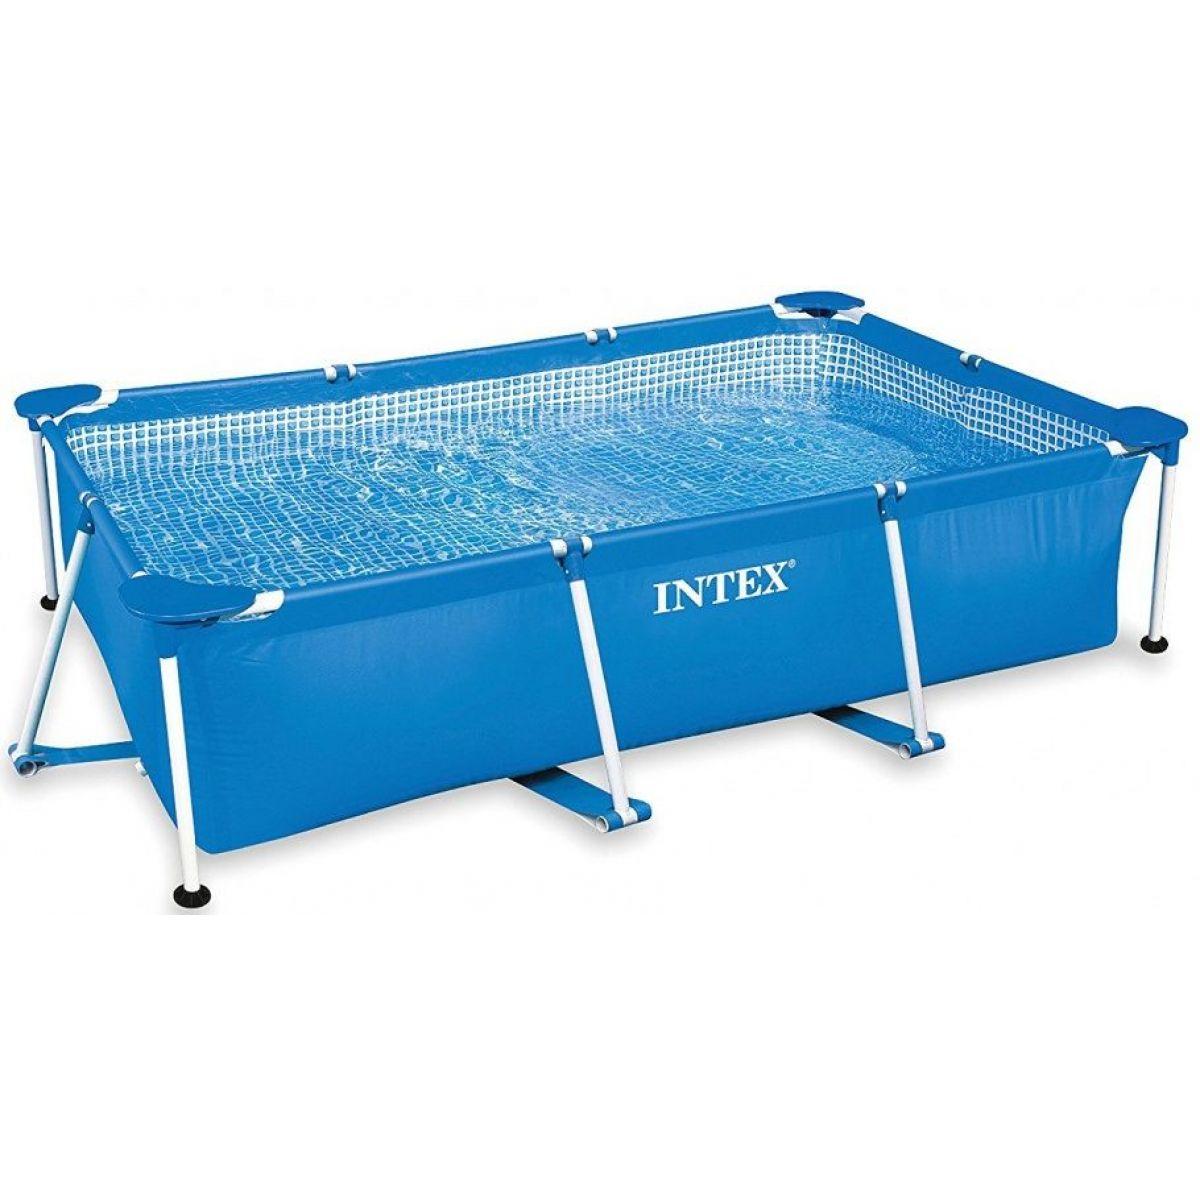 Intex 28271 Bazén obdĺžnikový s konštrukciou 260 x 160 x 65 cm